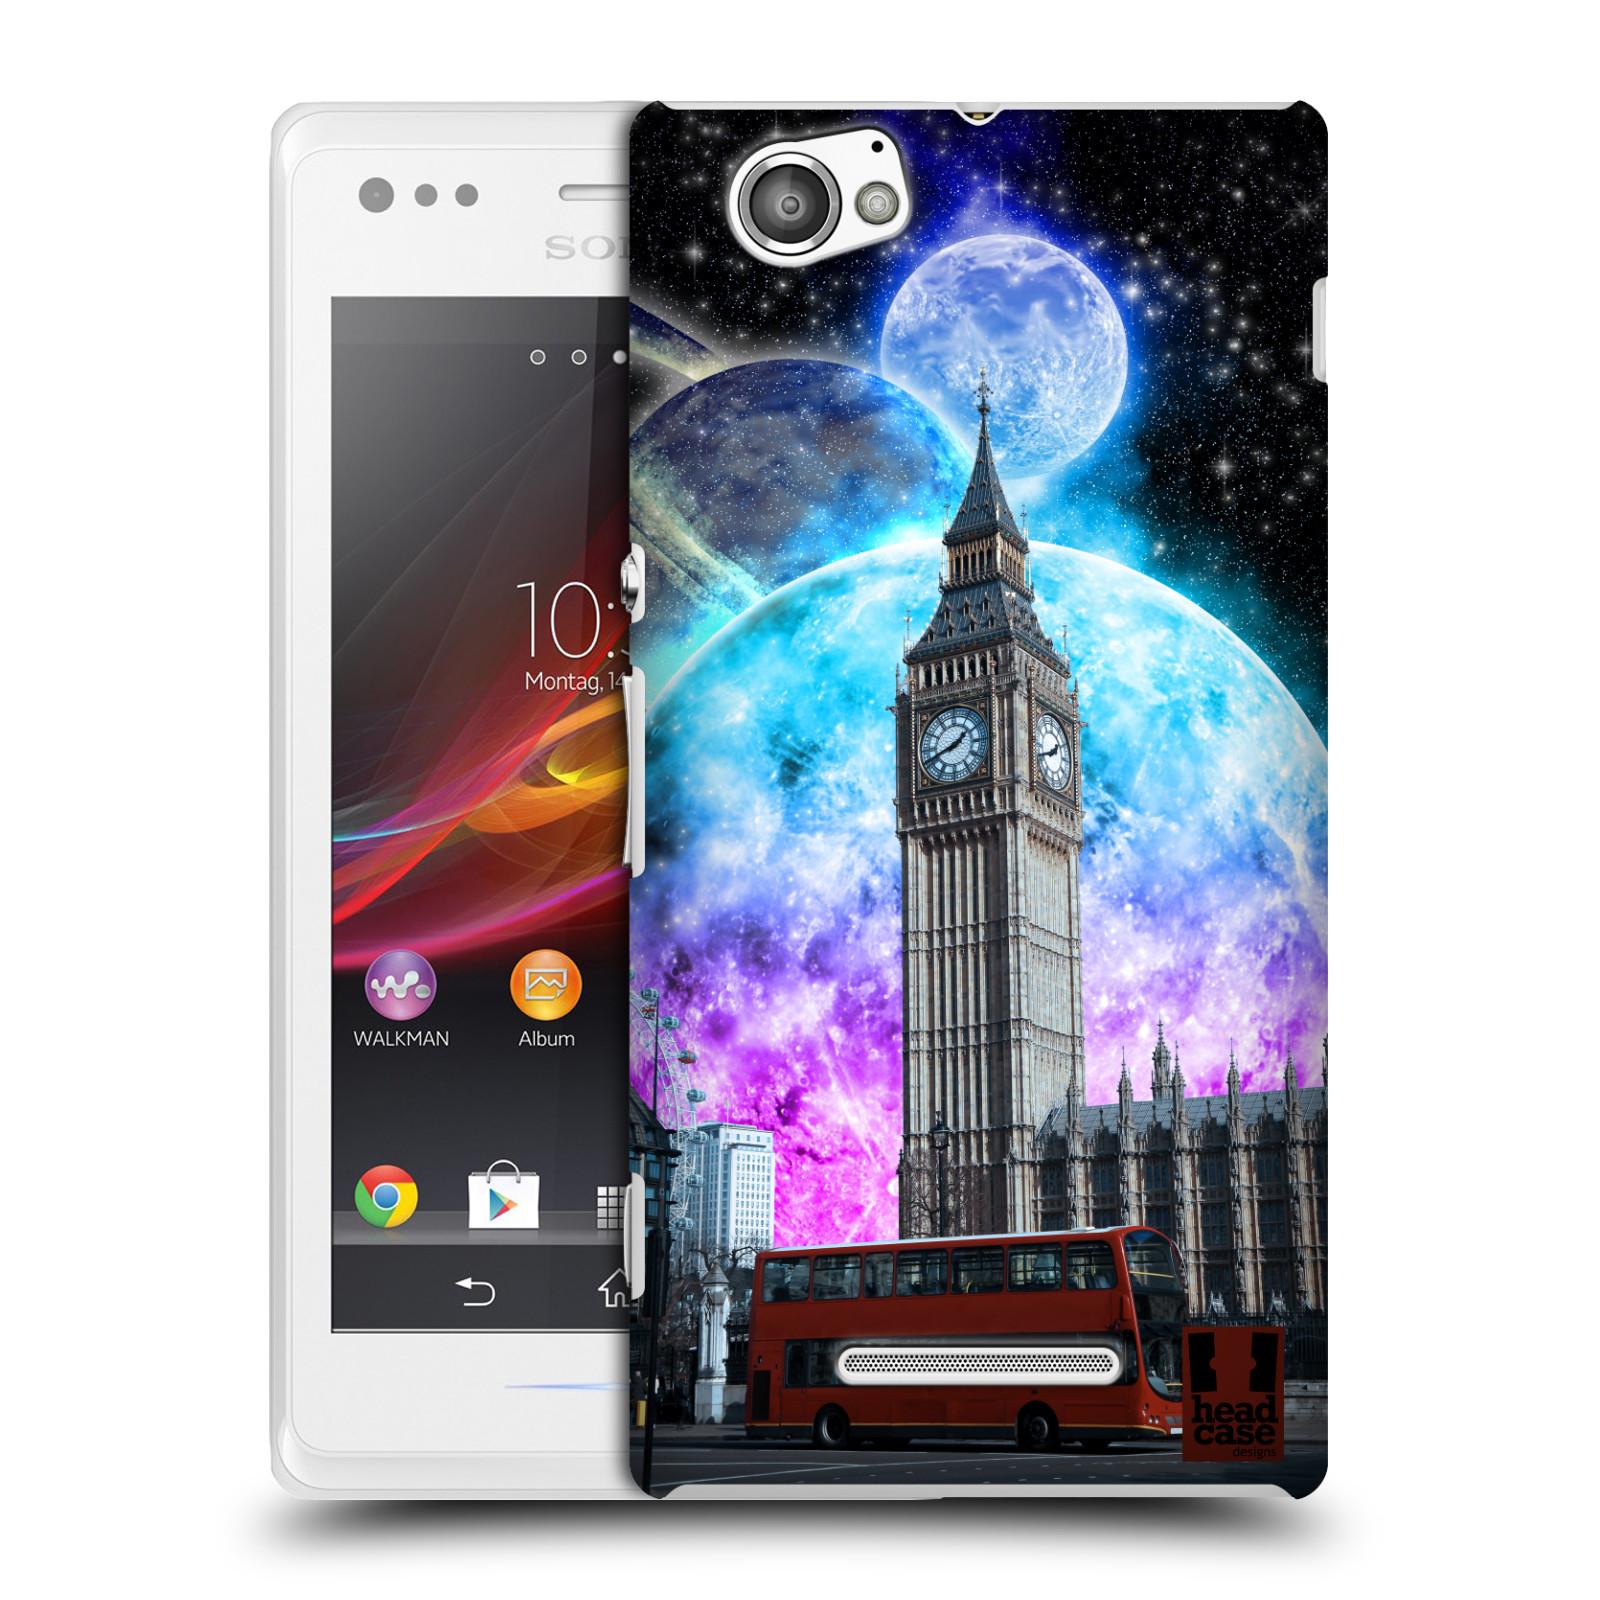 Plastové pouzdro na mobil Sony Xperia M C1905 Head Case - Měsíční Londýn (Plastový kryt či obal na mobilní telefon s motivem Londýna pro Sony Xperia M )